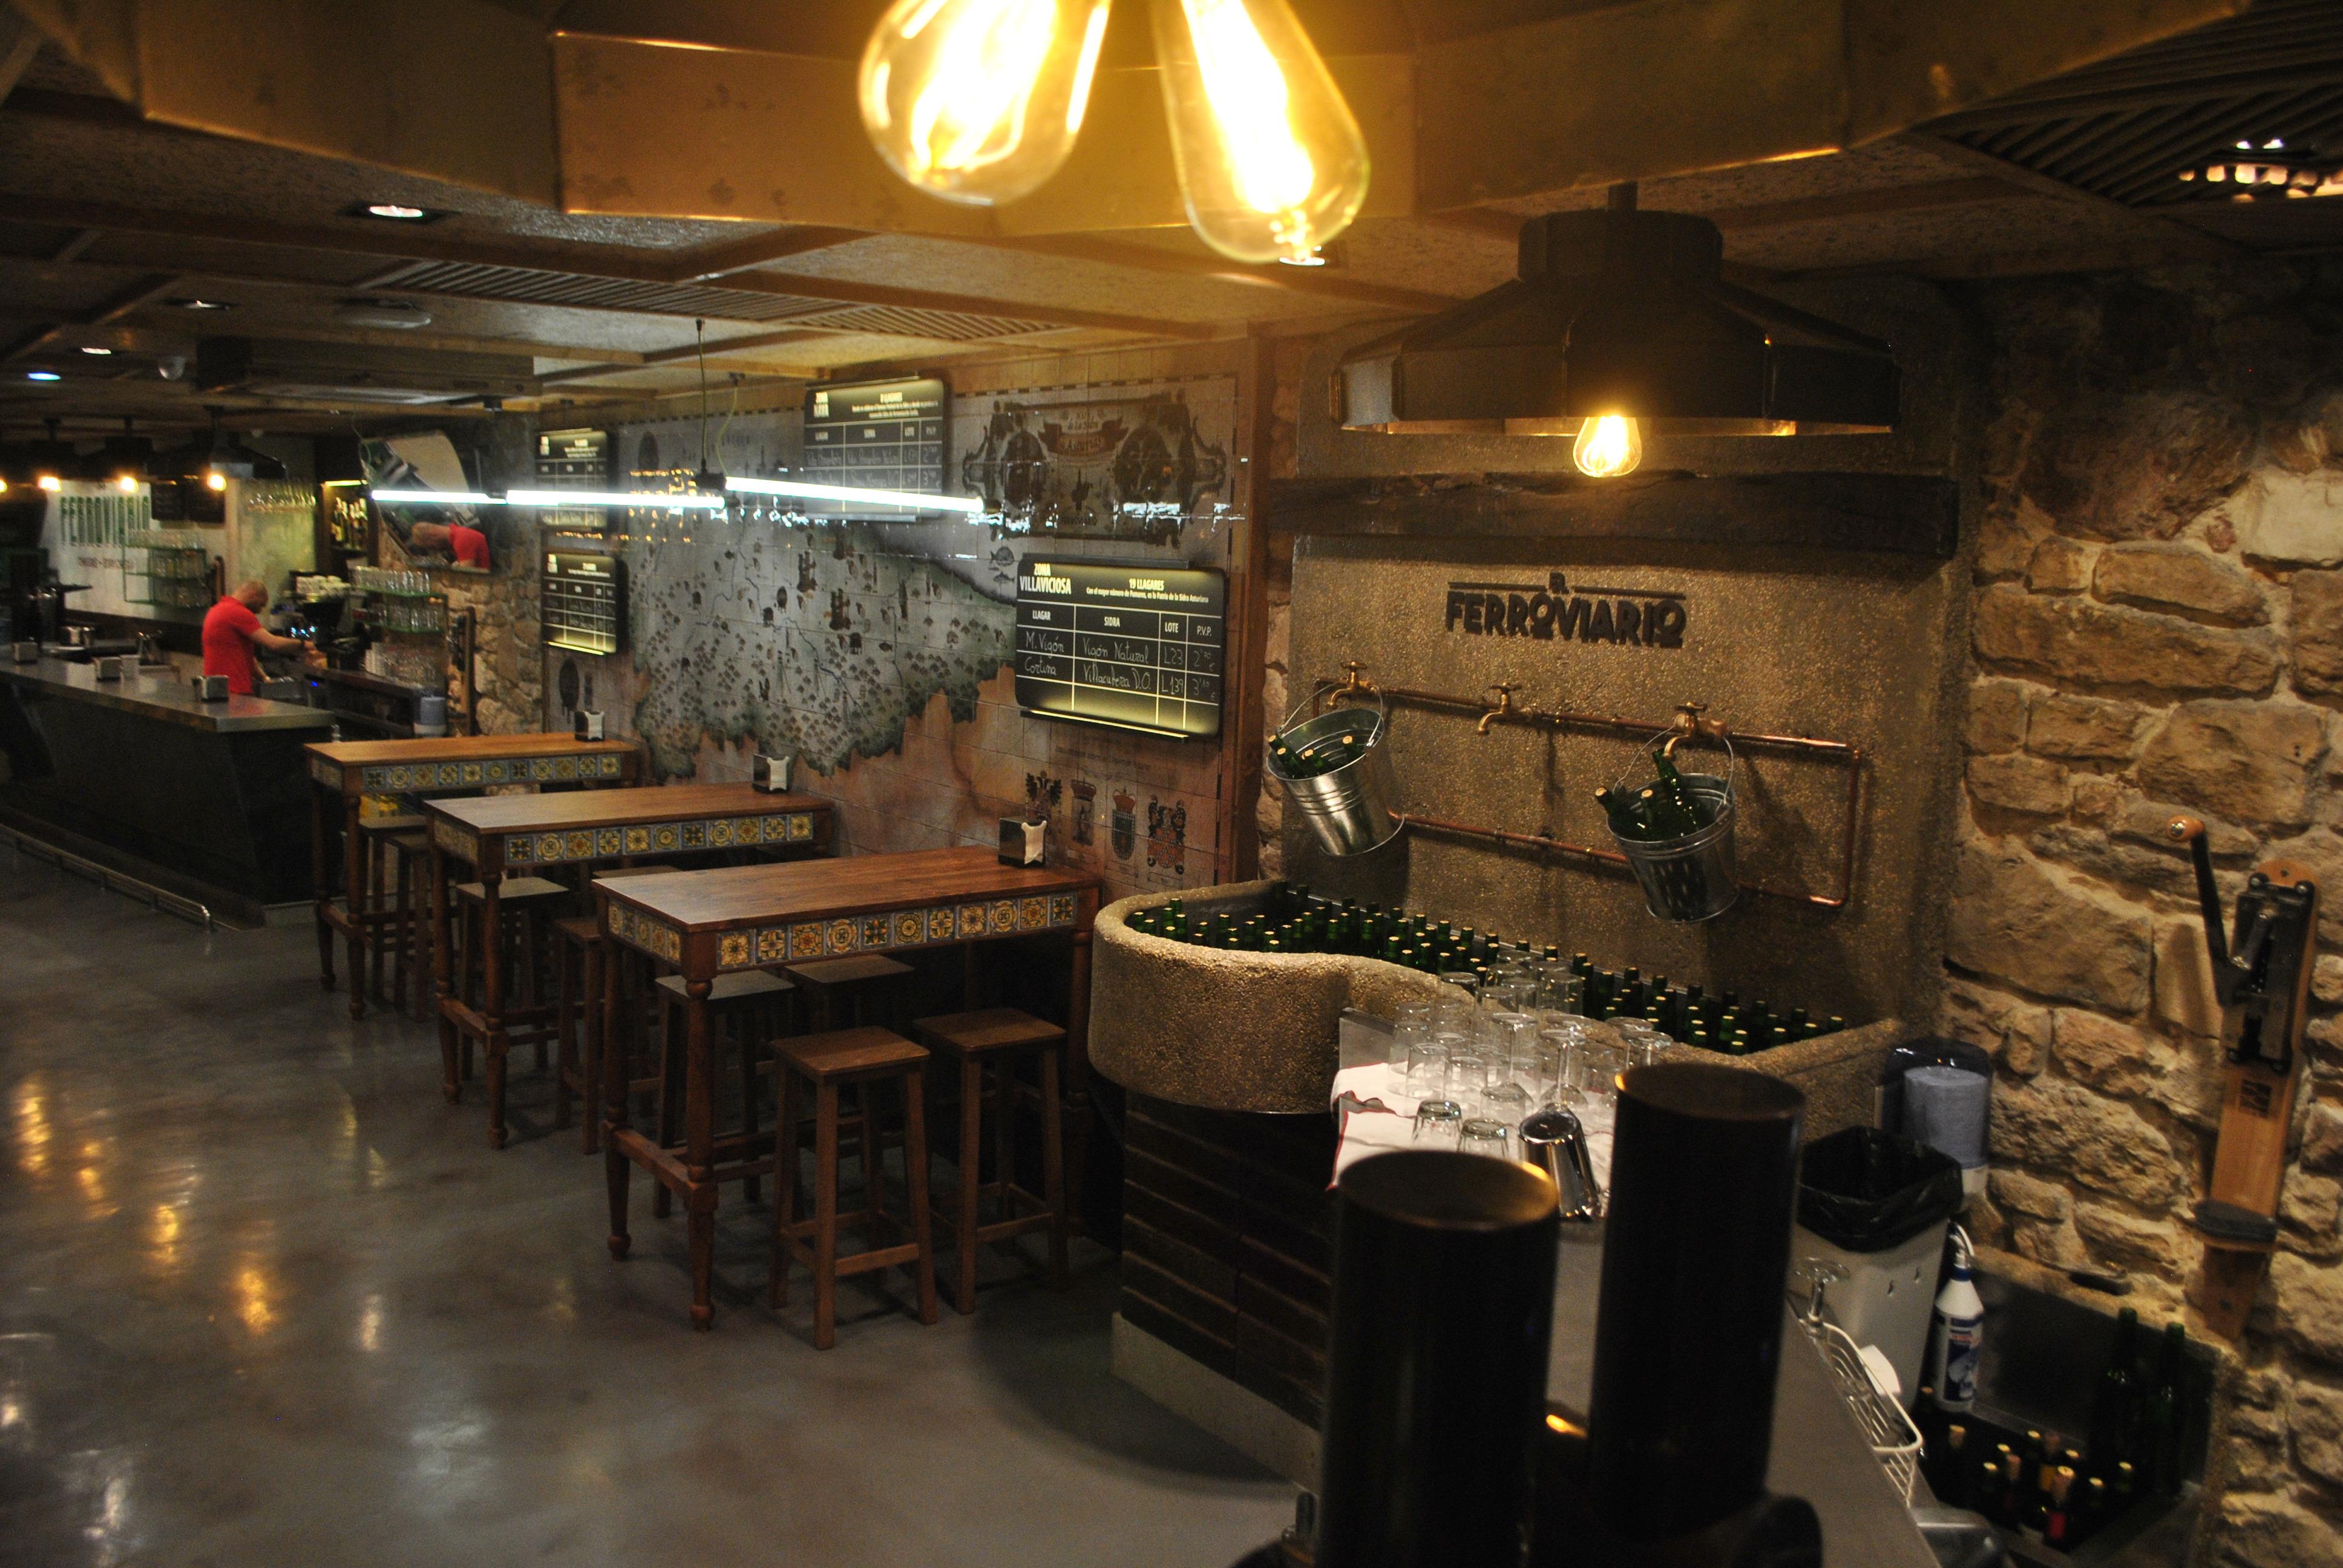 El Ferroviario chigre-espicheru zona bar